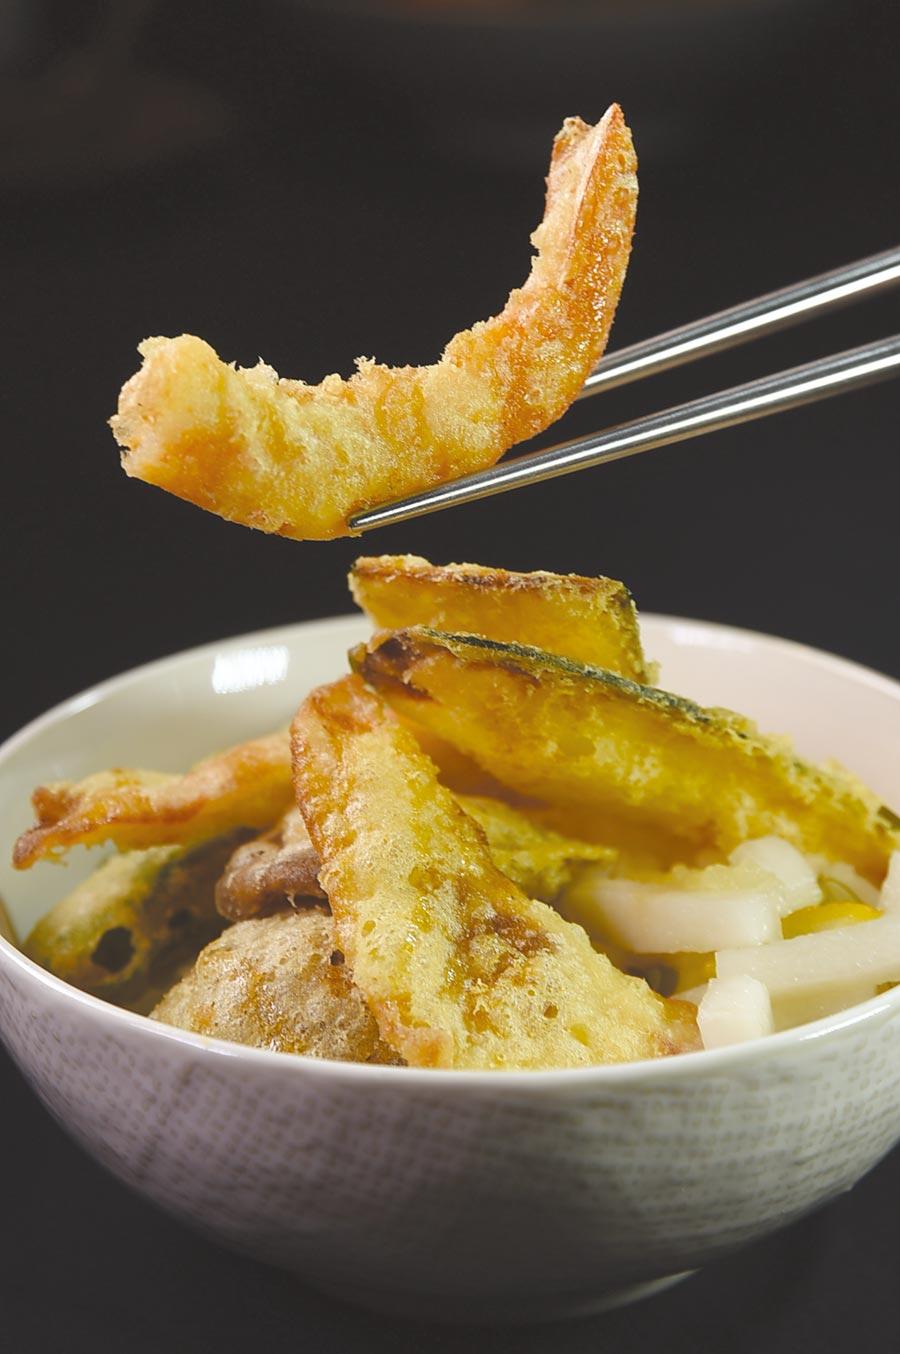 〈褐藻天丼定食〉的炸蝦天婦羅是用藍鑽蝦炸製,麵衣薄脆、蝦肉細緻。圖/姚舜